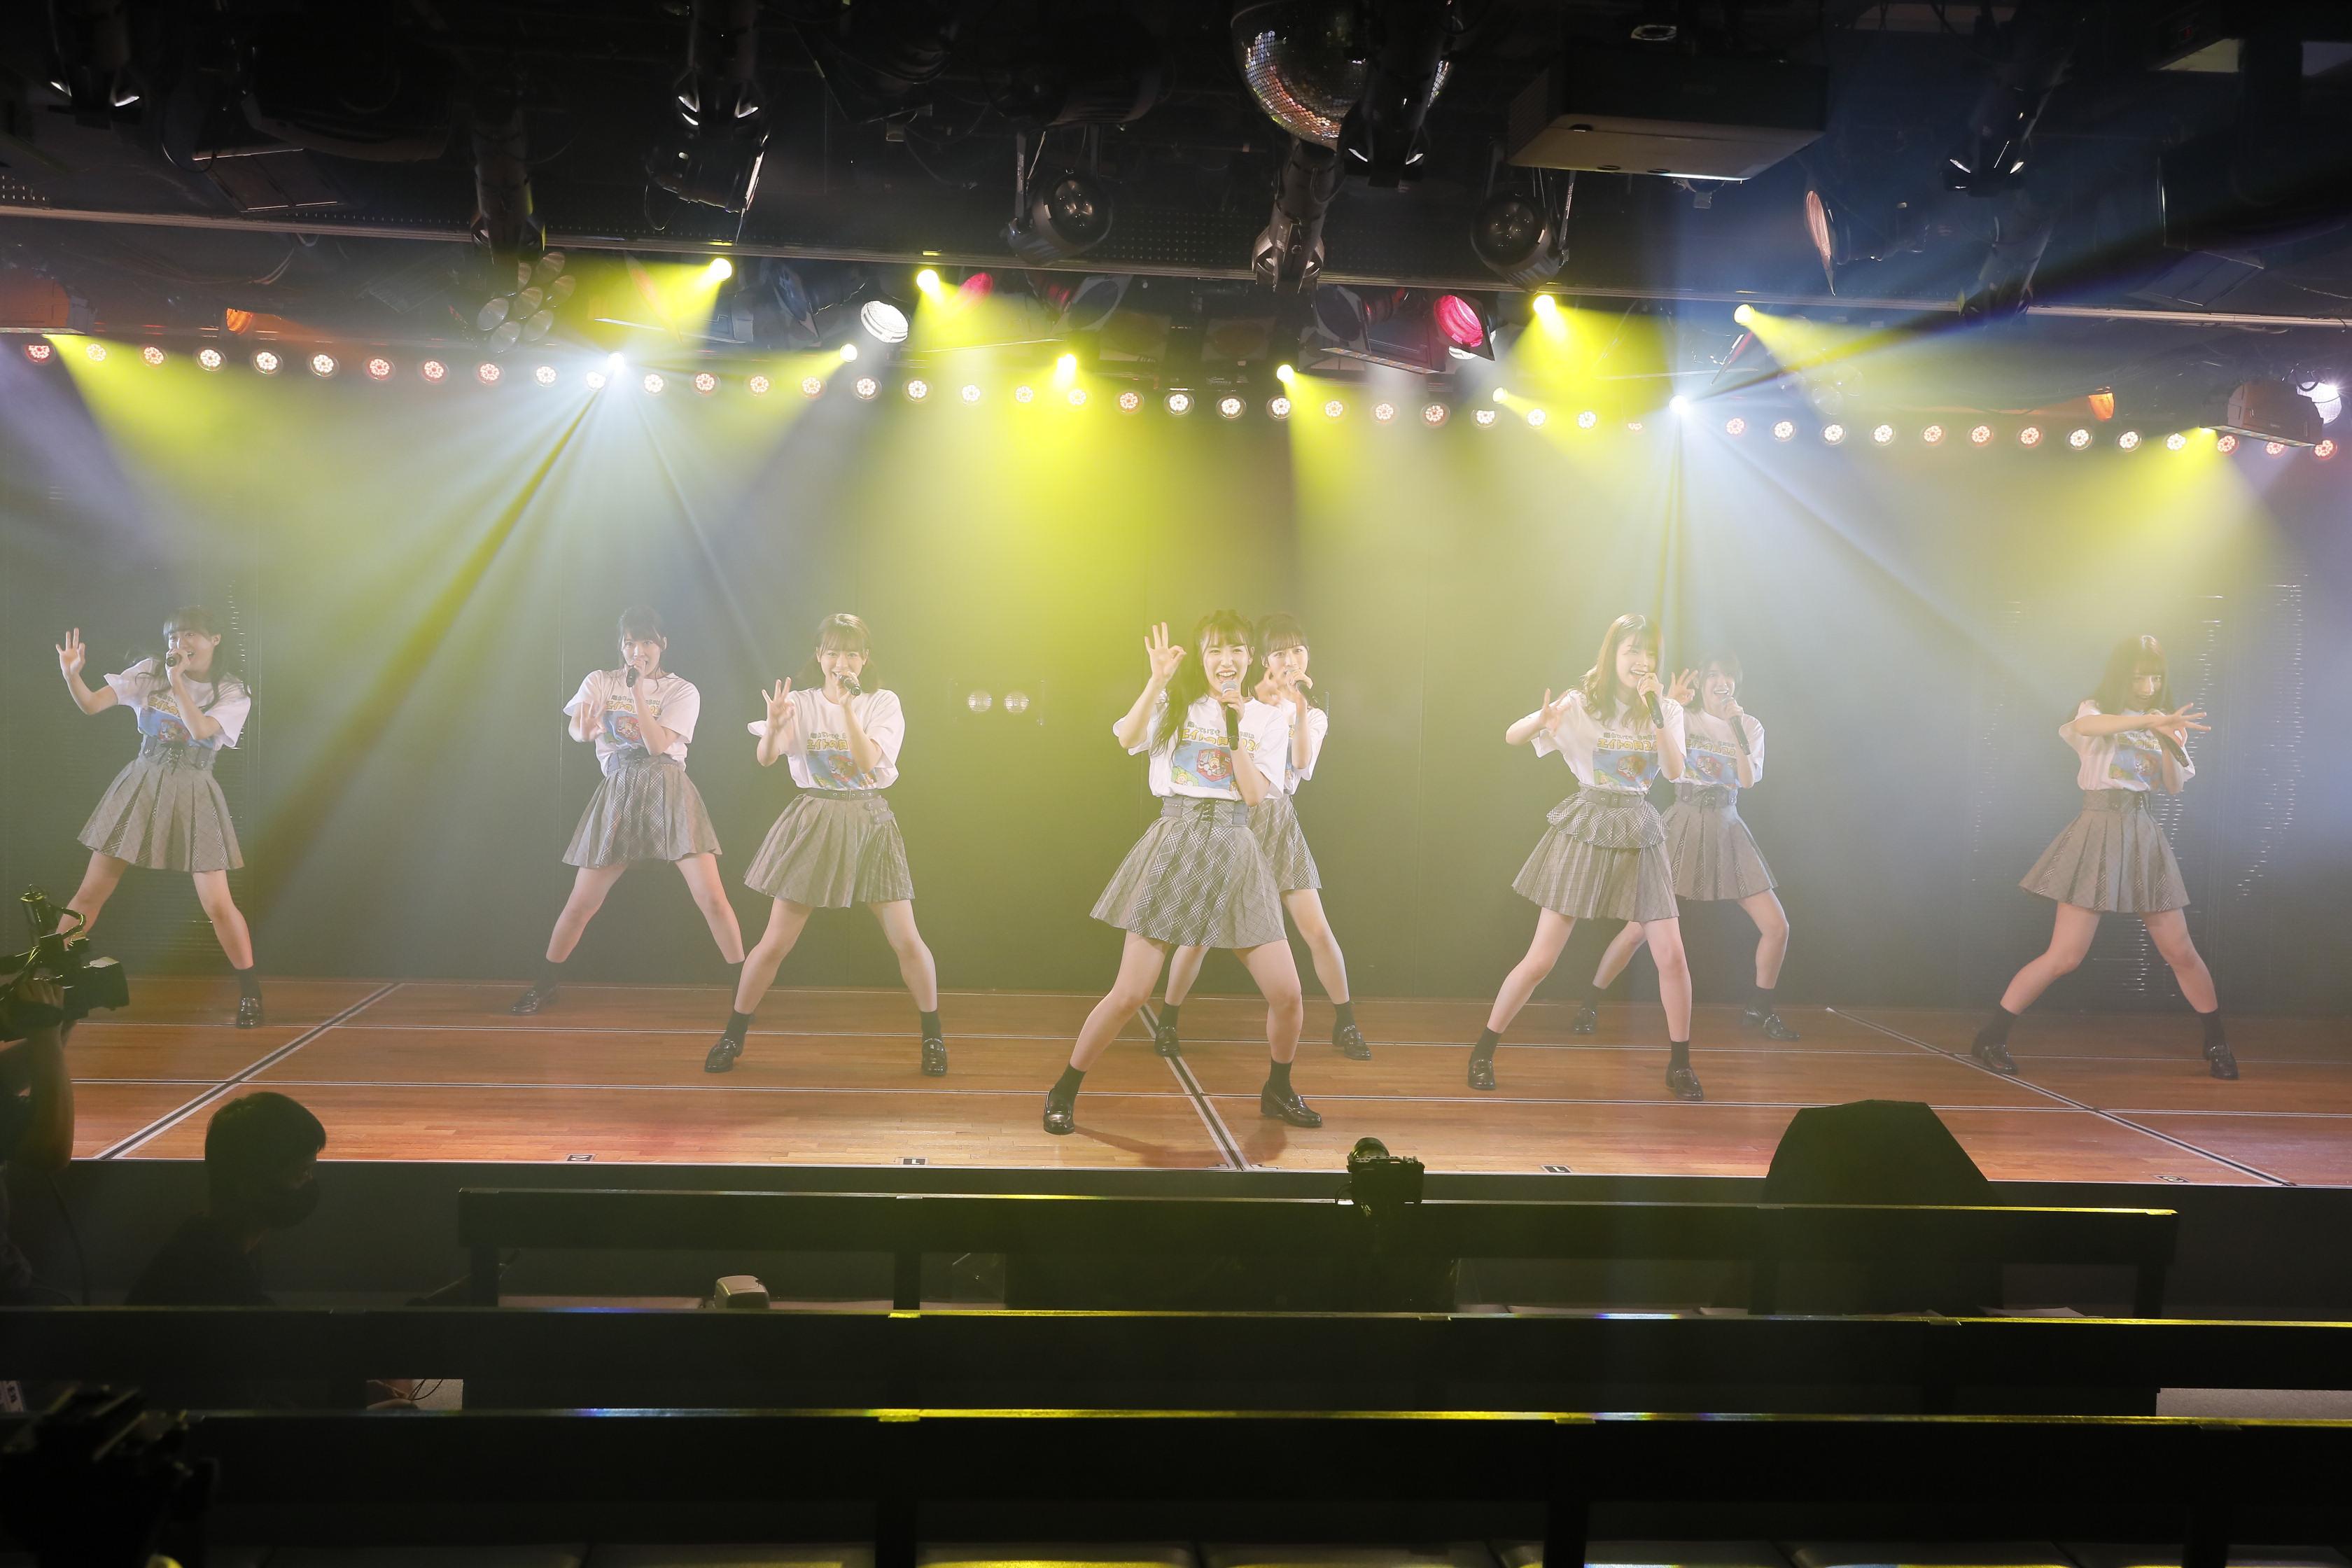 下尾みうがセンターを務めた「蜂の巣ダンス」 (C)AKB48